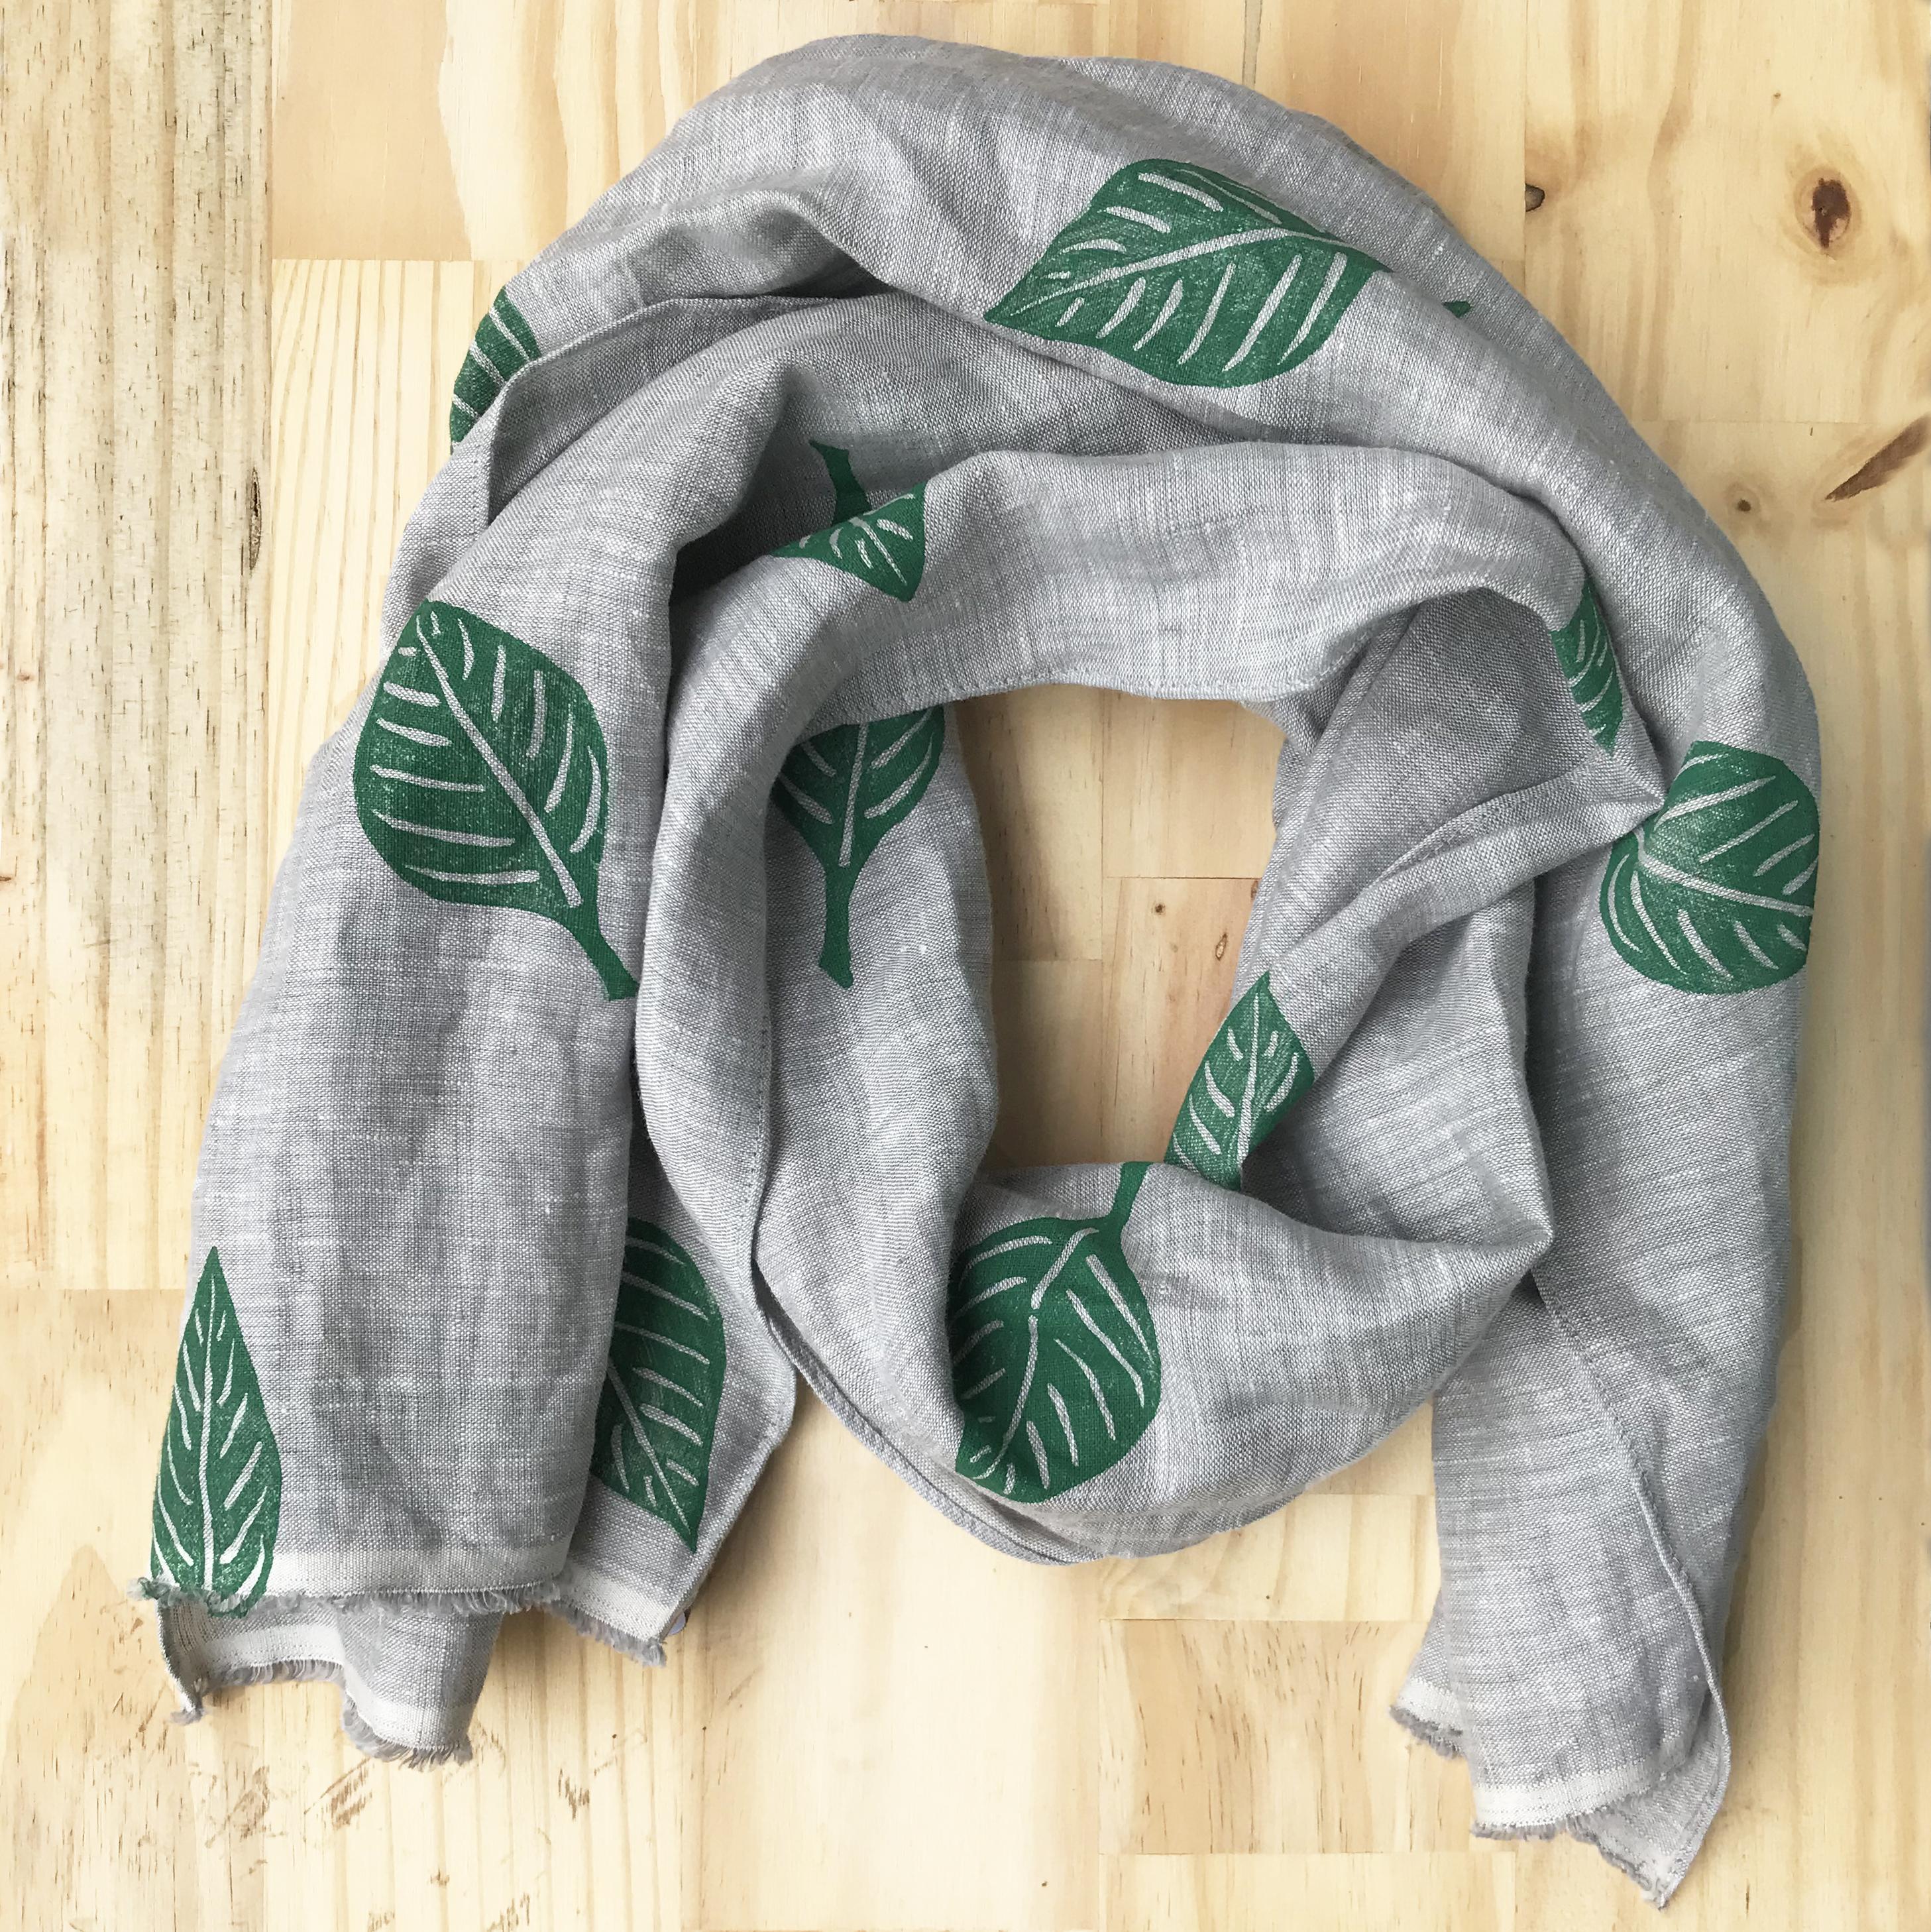 linen scarf made in buffalo ny